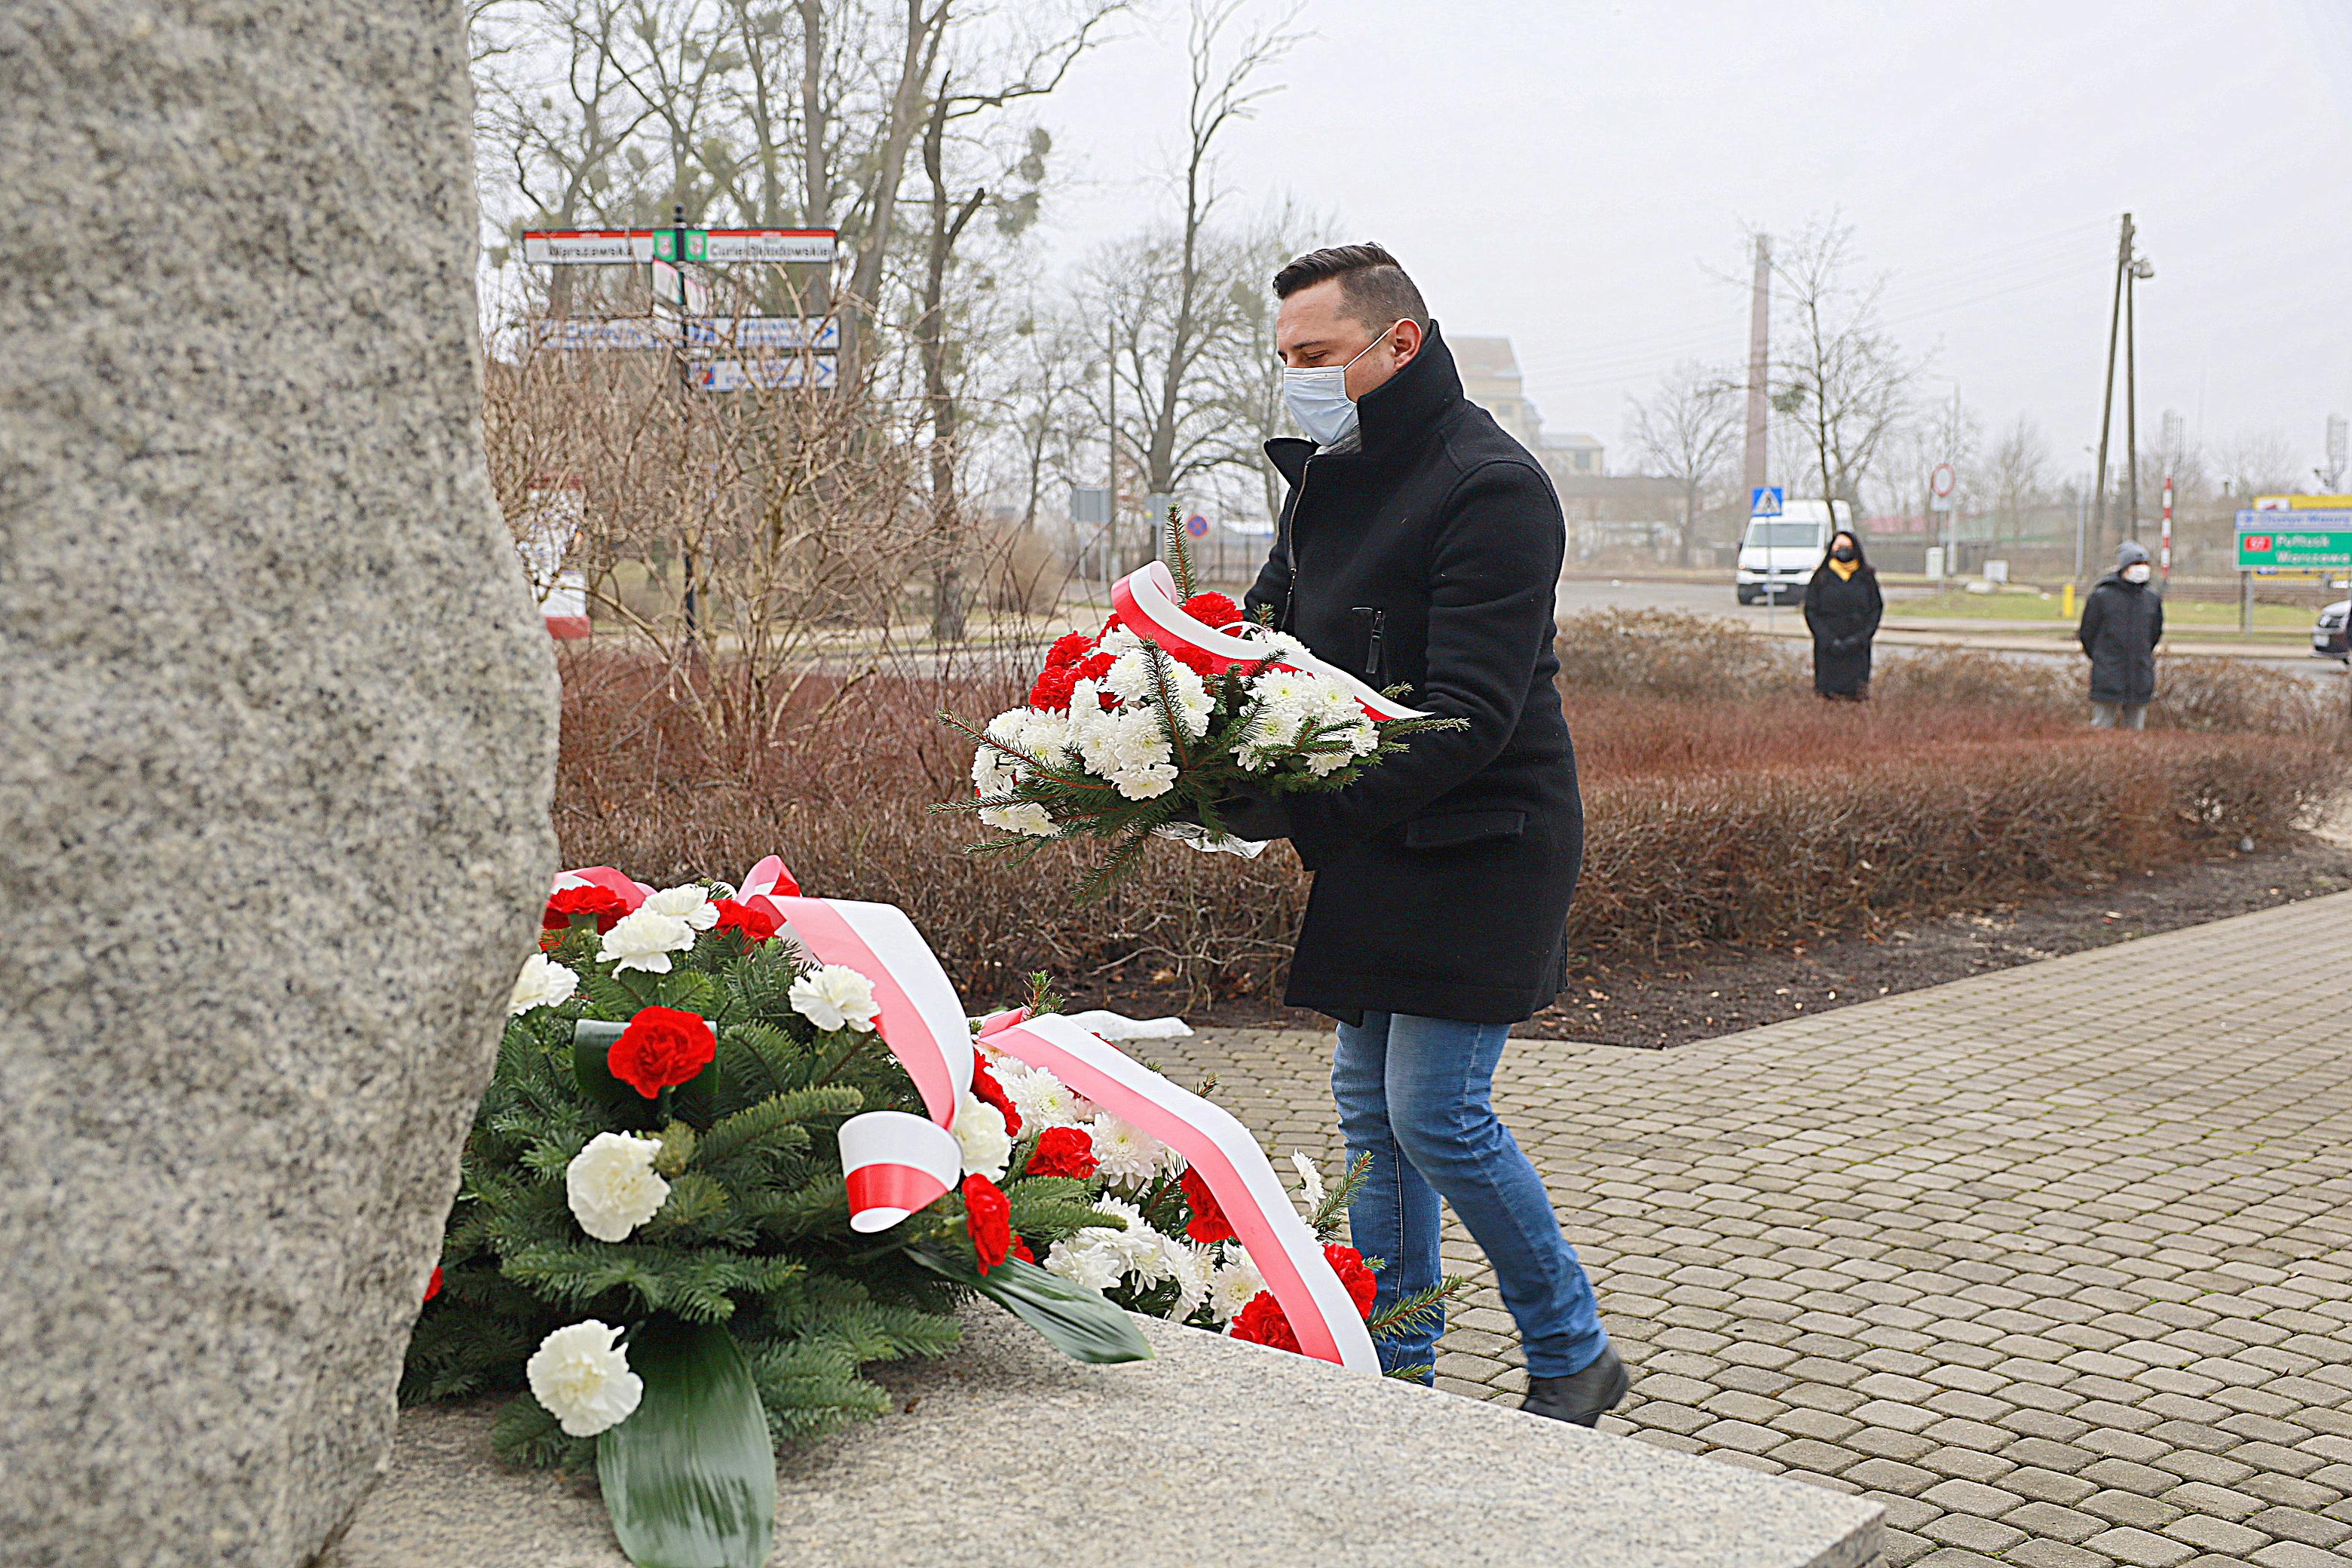 https://m.powiatszczycienski.pl/2021/03/orig/5-38384.jpg